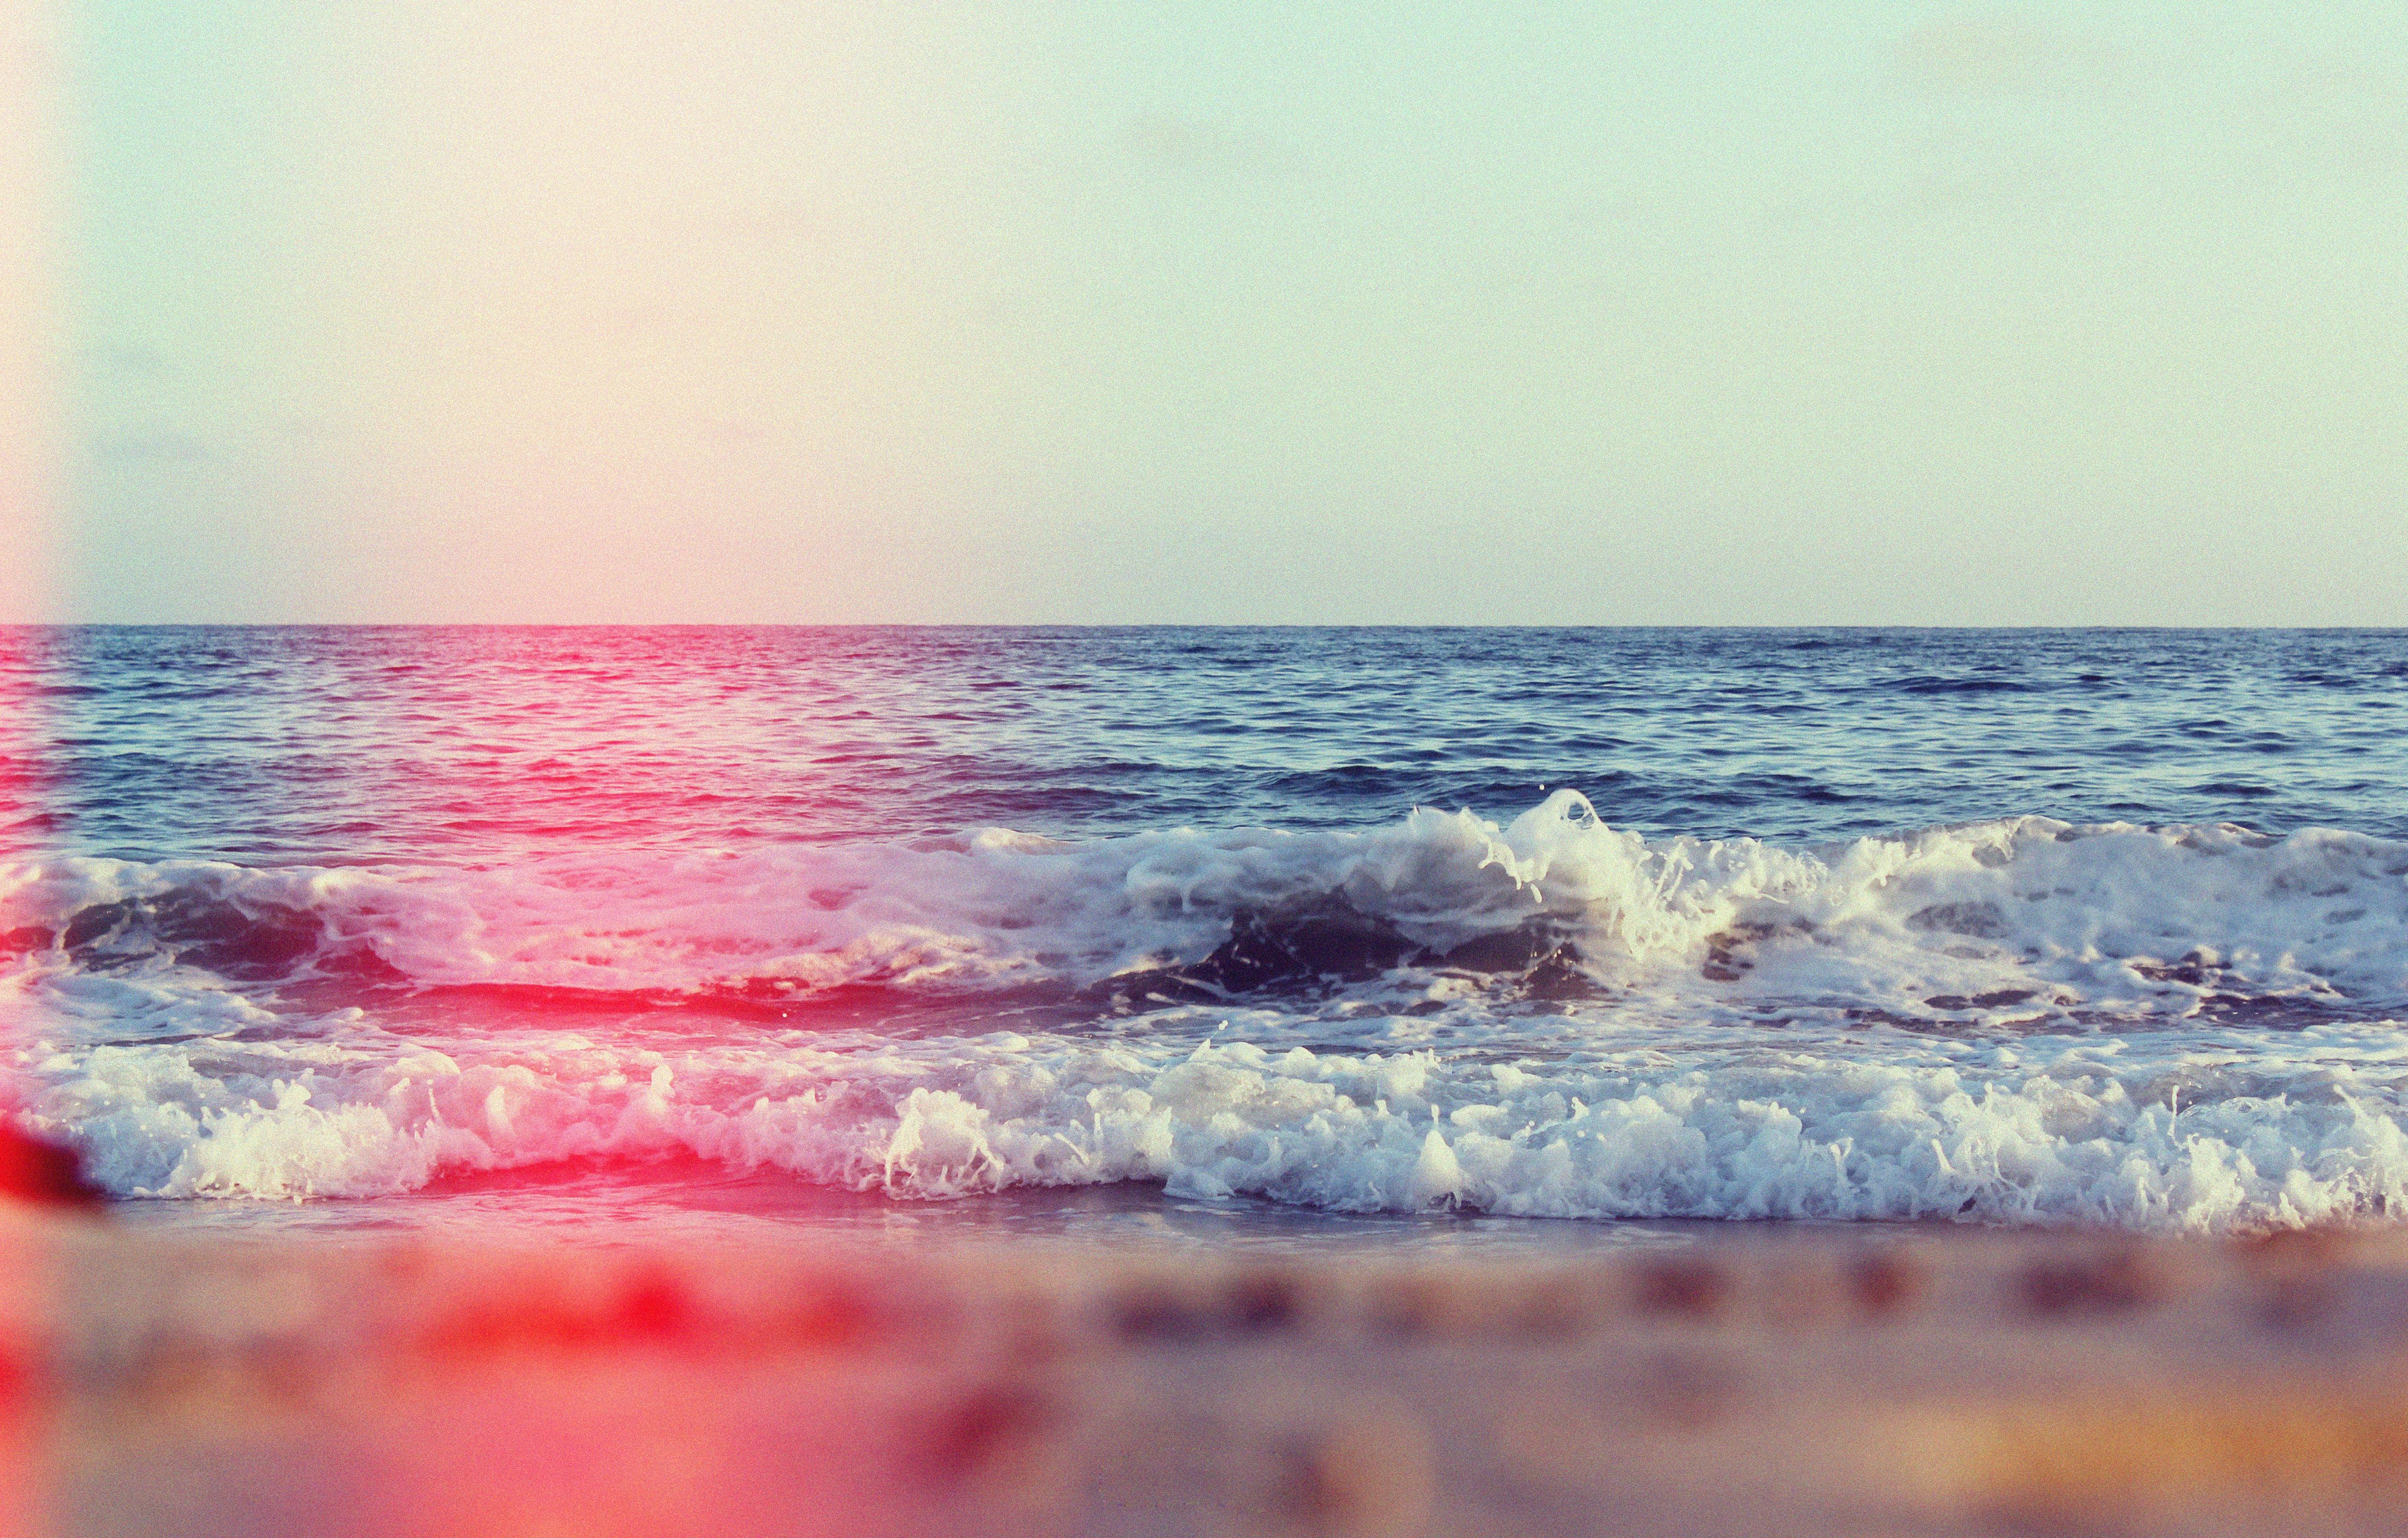 sea waves on seashore